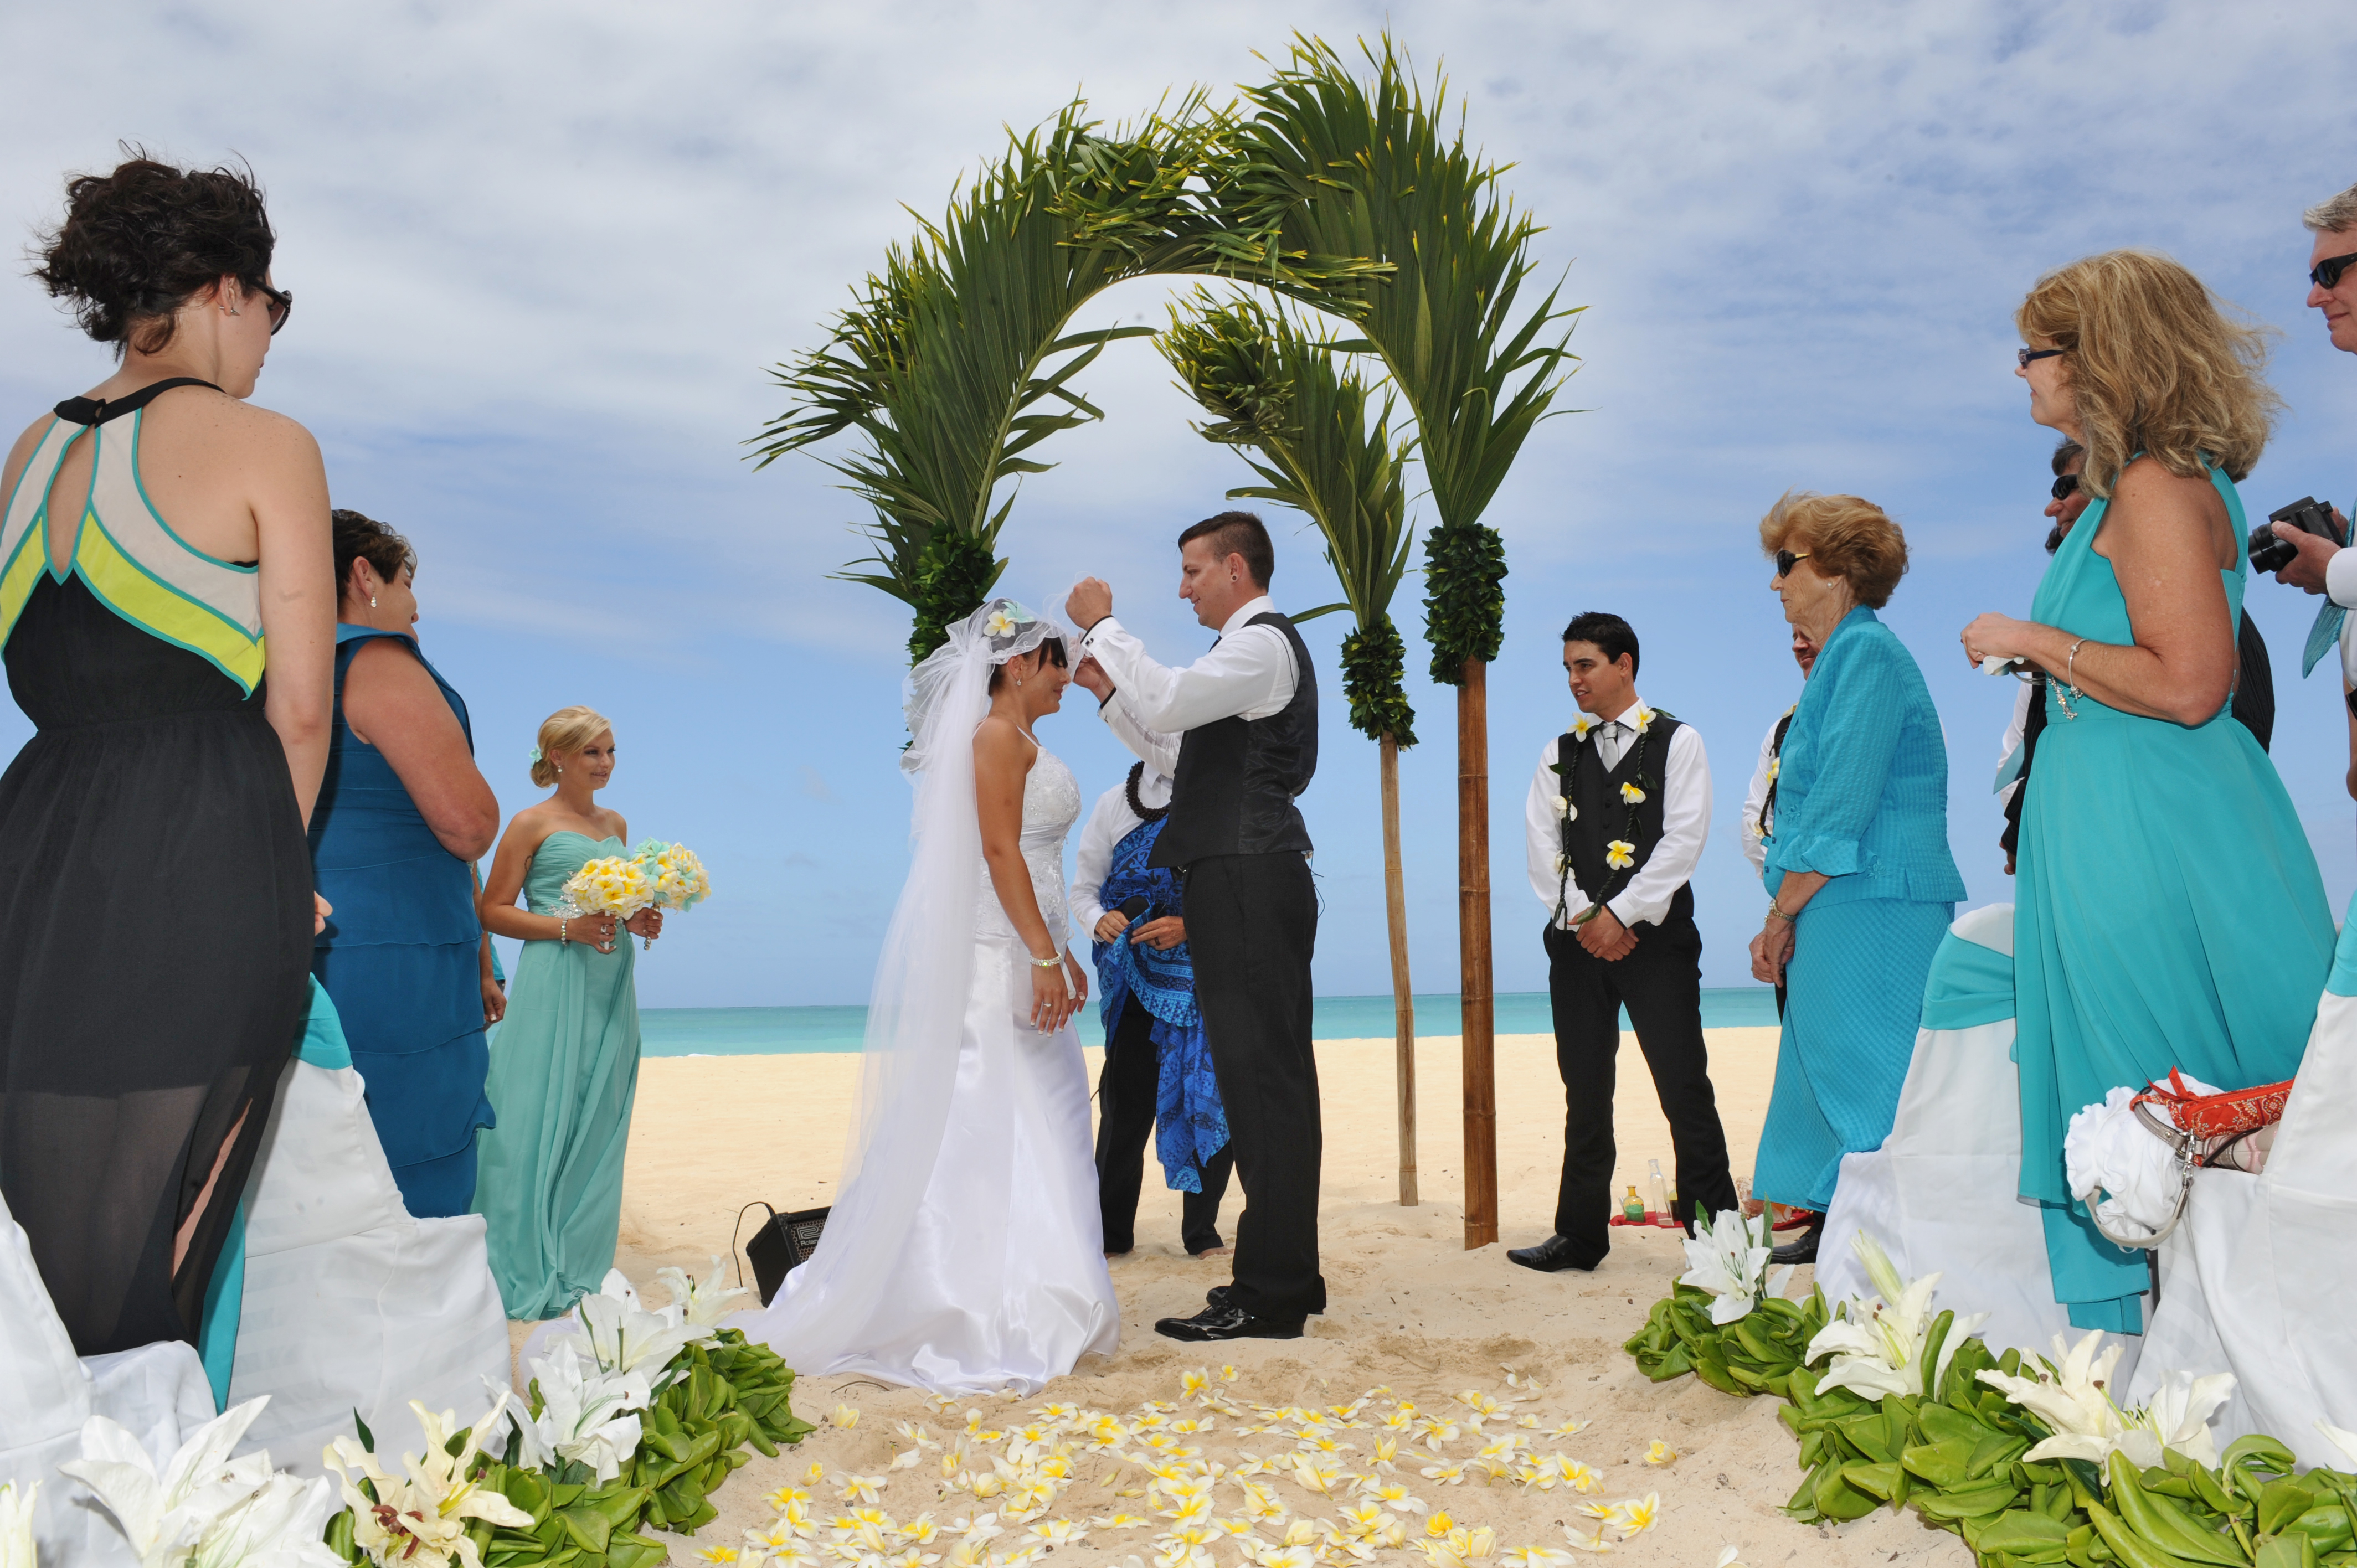 Alohaislandweddings.com- Hawaiian wedding in hawaii-64